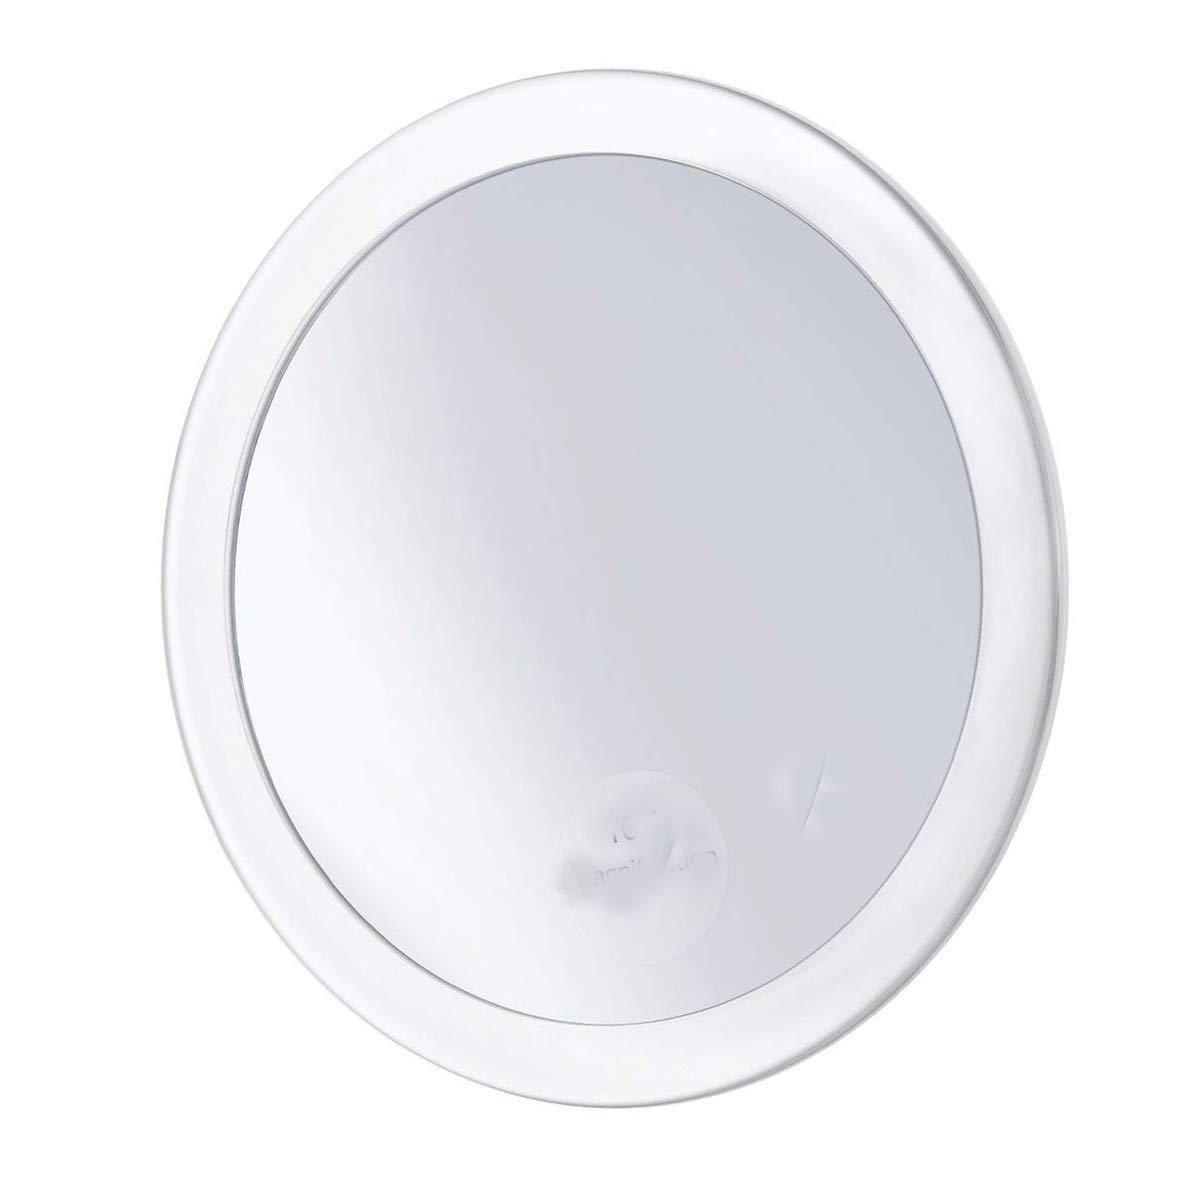 Xelparuc 10x specchio ingranditore con 3ventose, cosmetici make up specchio specchietto tascabile da 15cm (bianco)